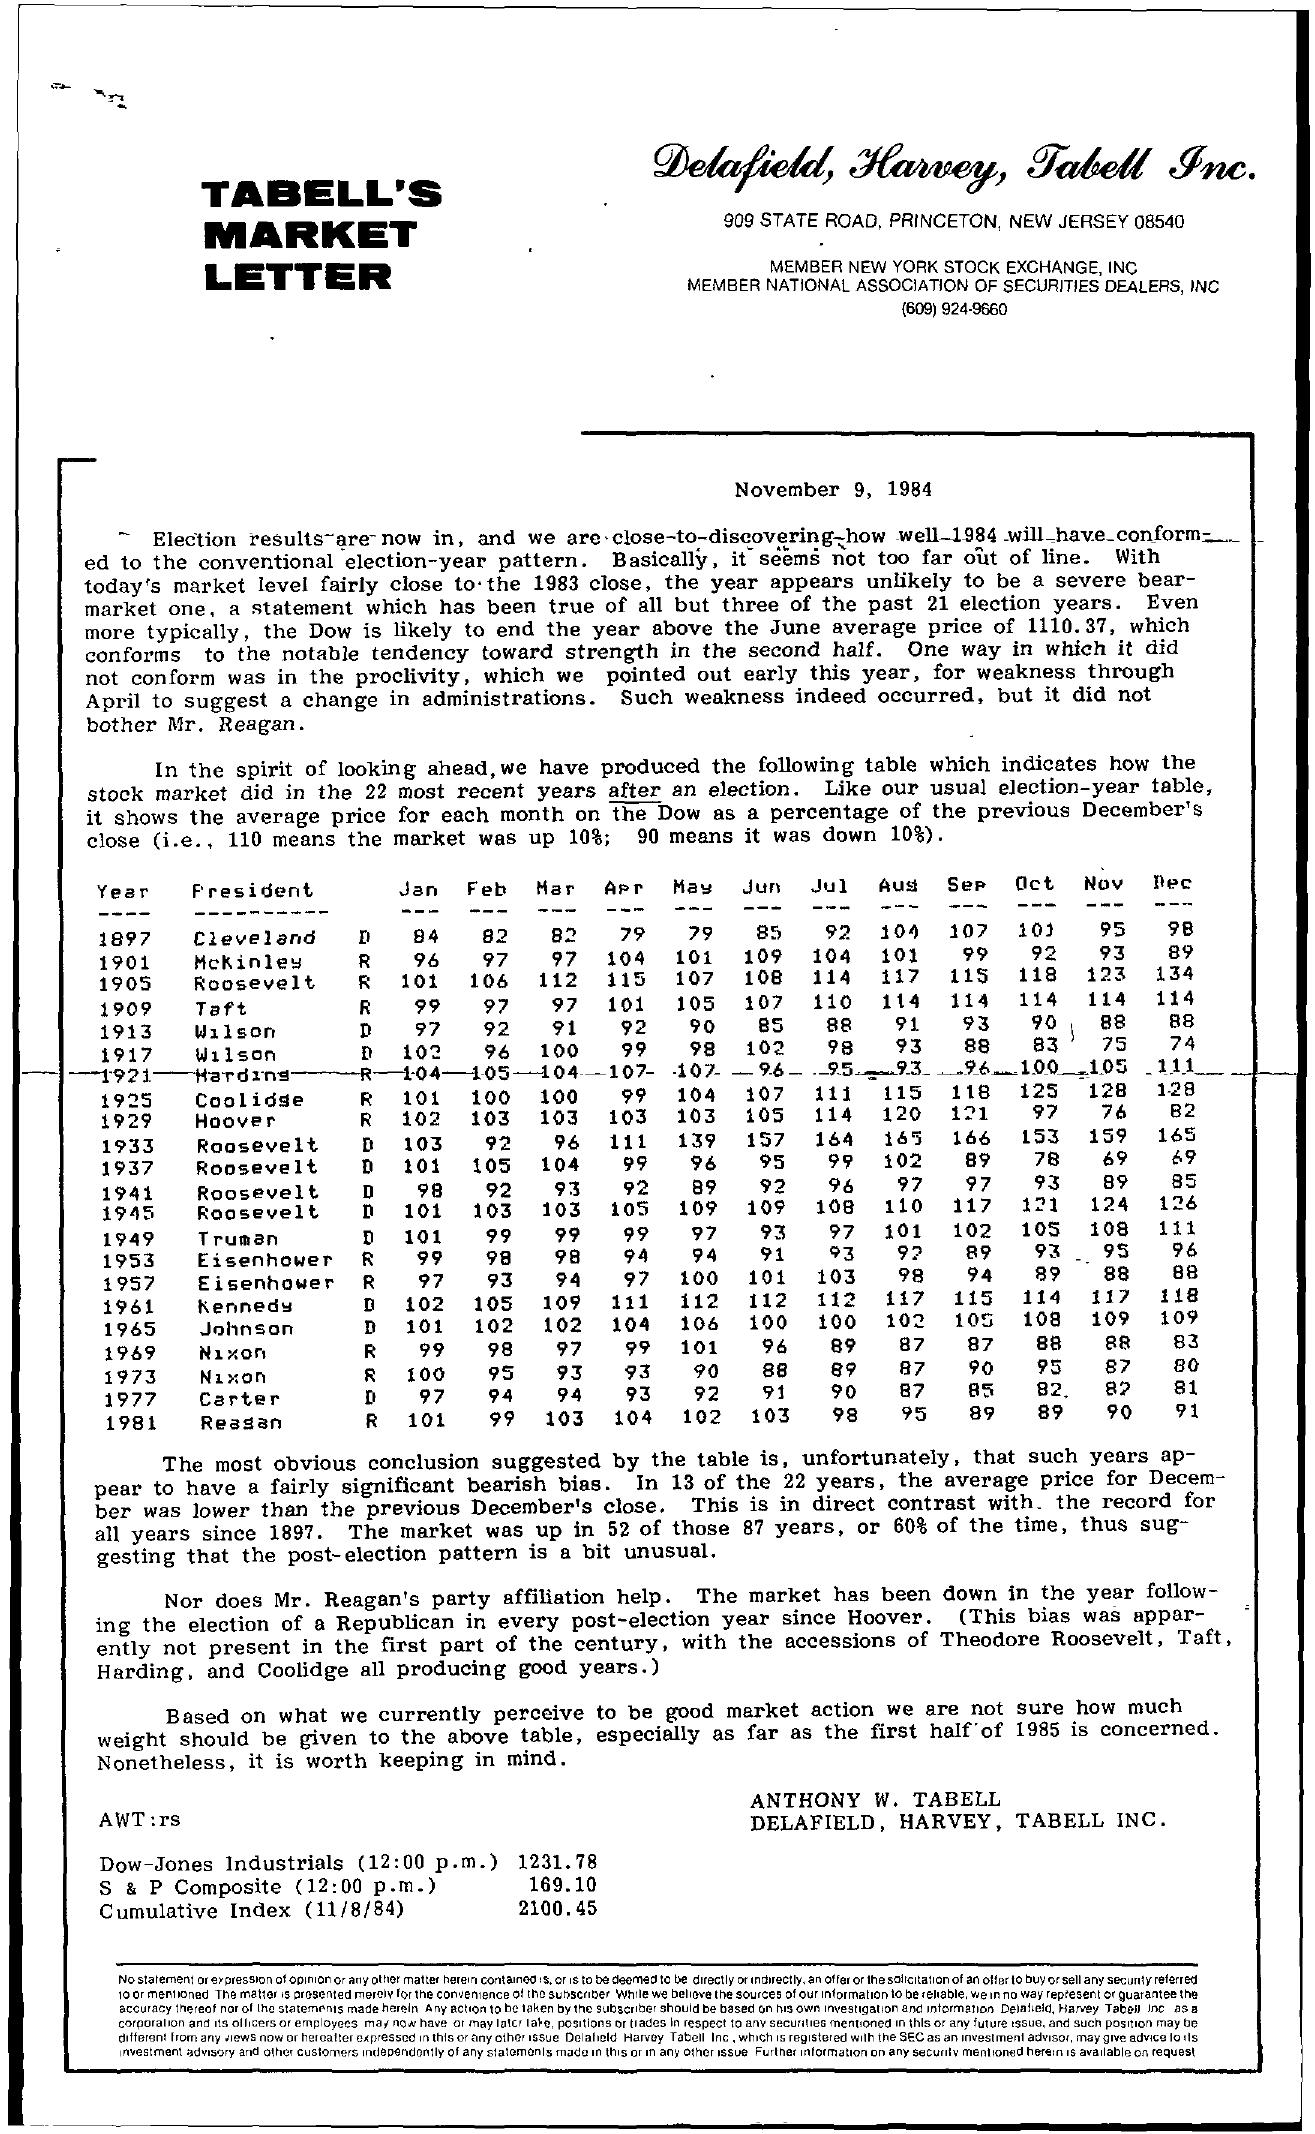 Tabell's Market Letter - November 09, 1984